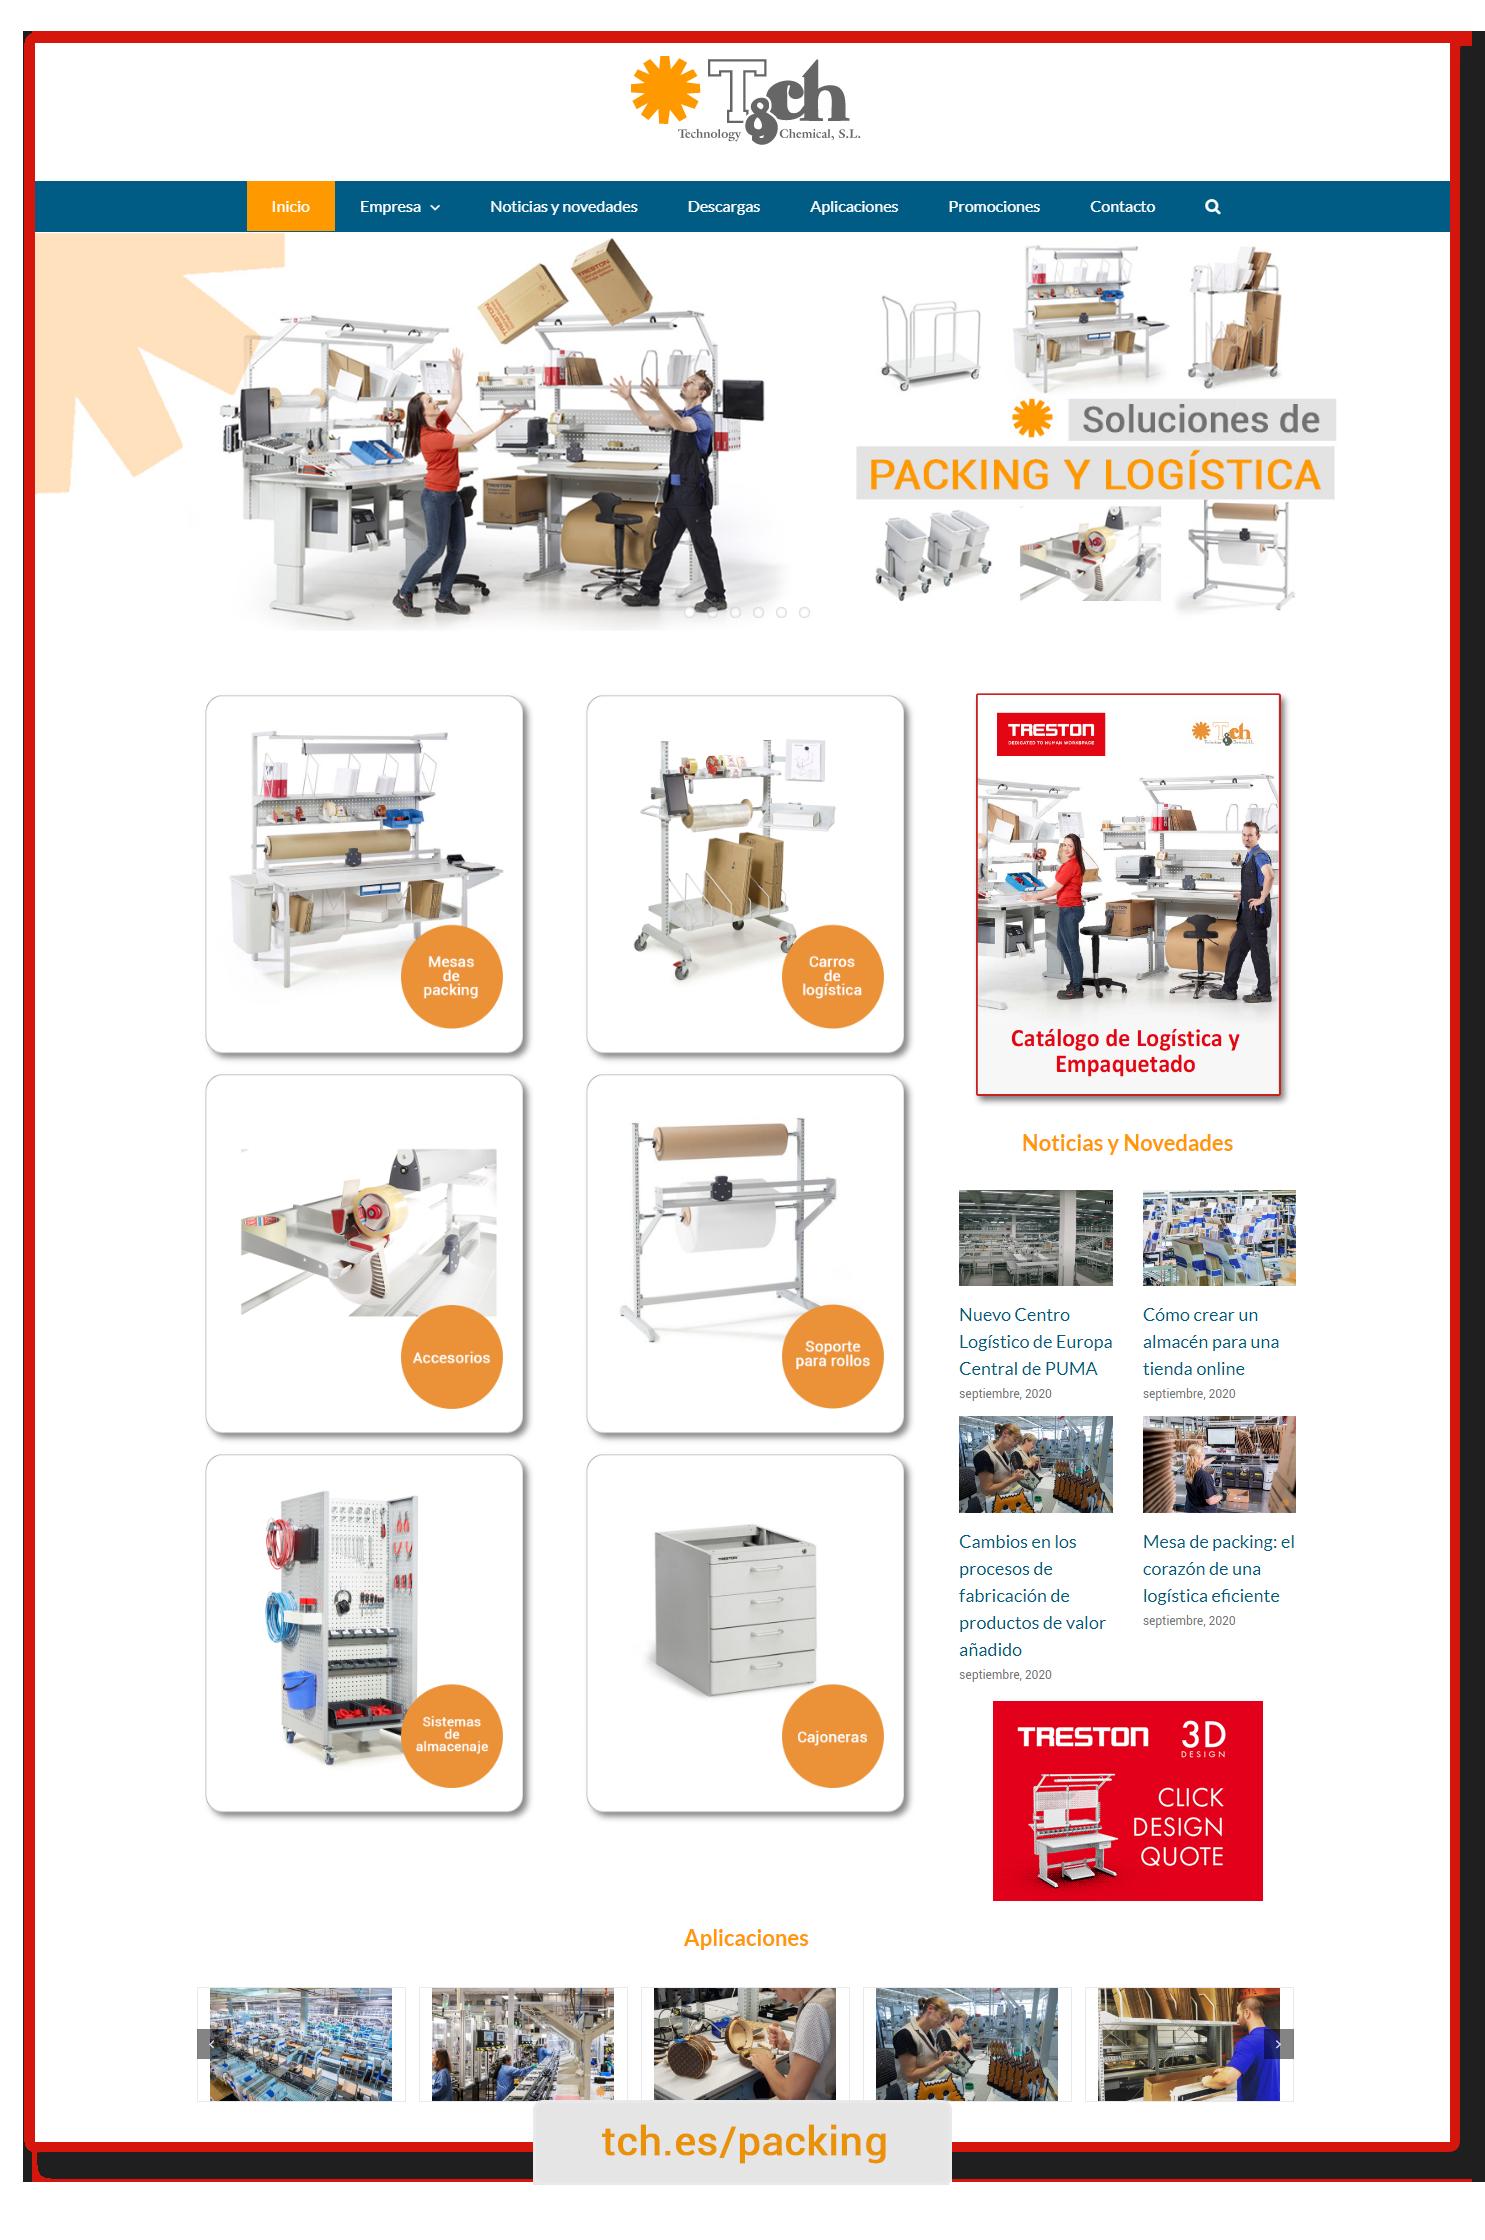 Página packing y logística TCH